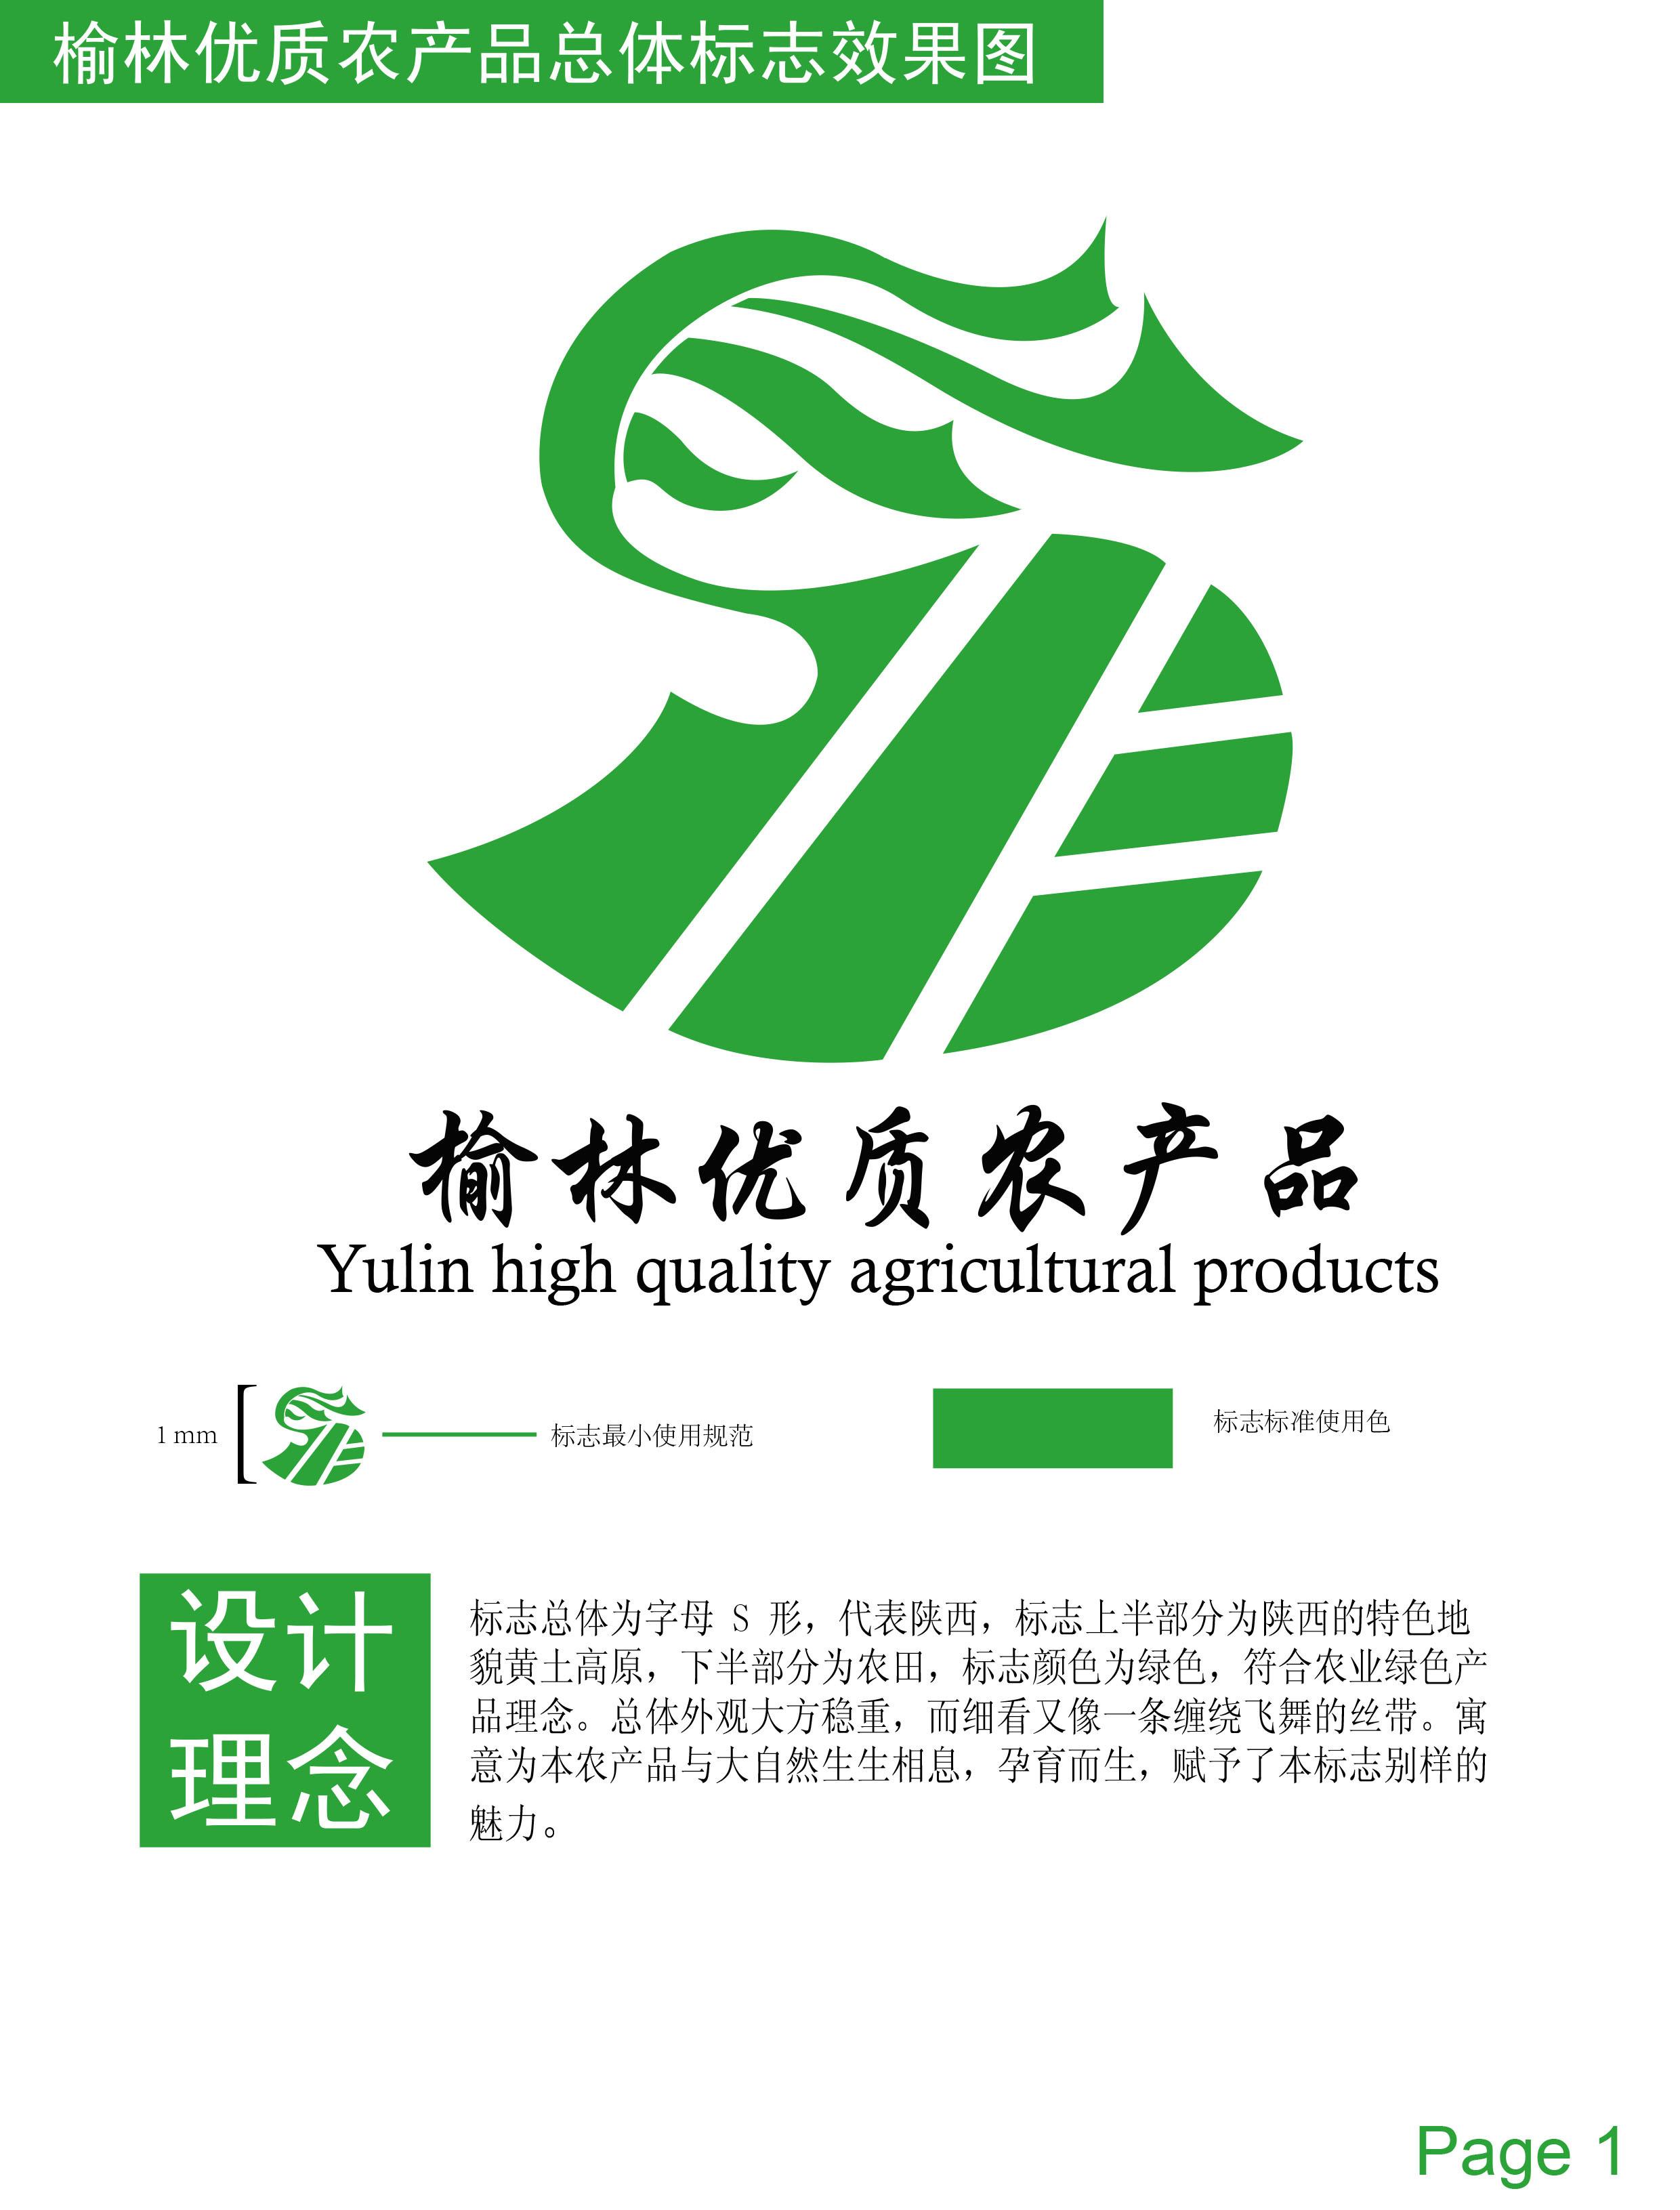 本人陕西省农产品logo设计大赛参赛作品图片